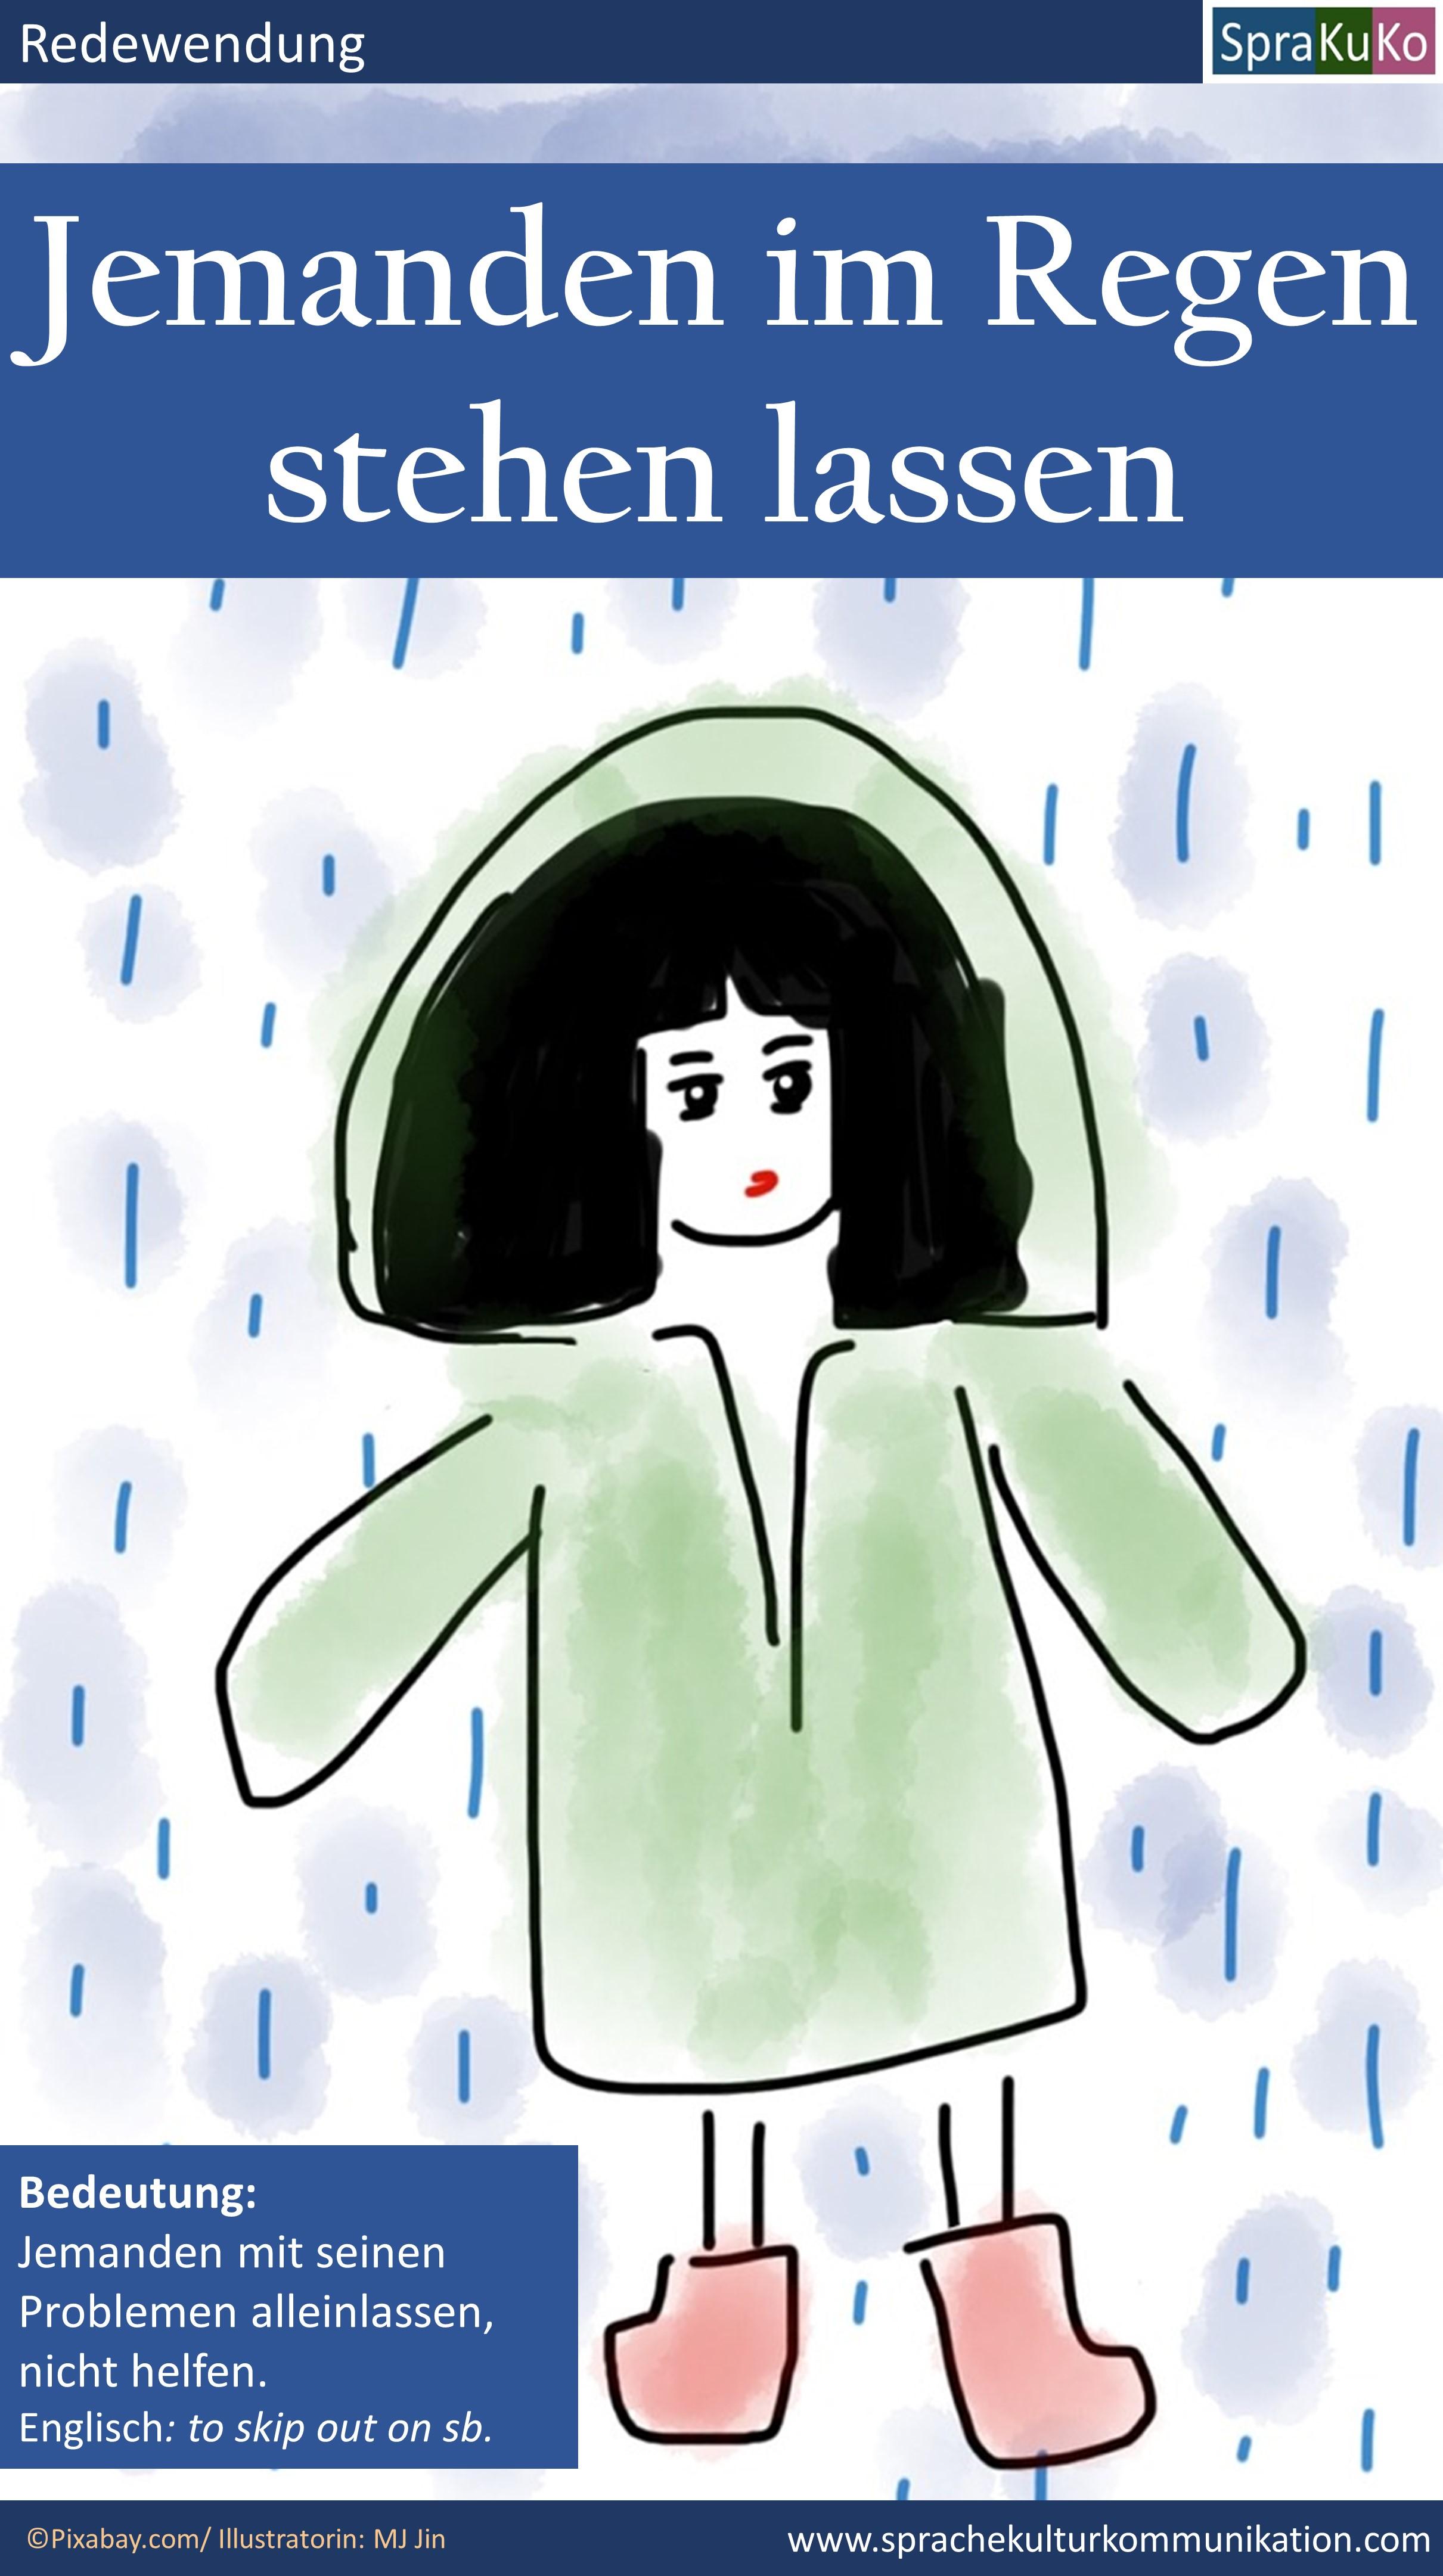 Jemanden im Regen stehen lassen.jpg